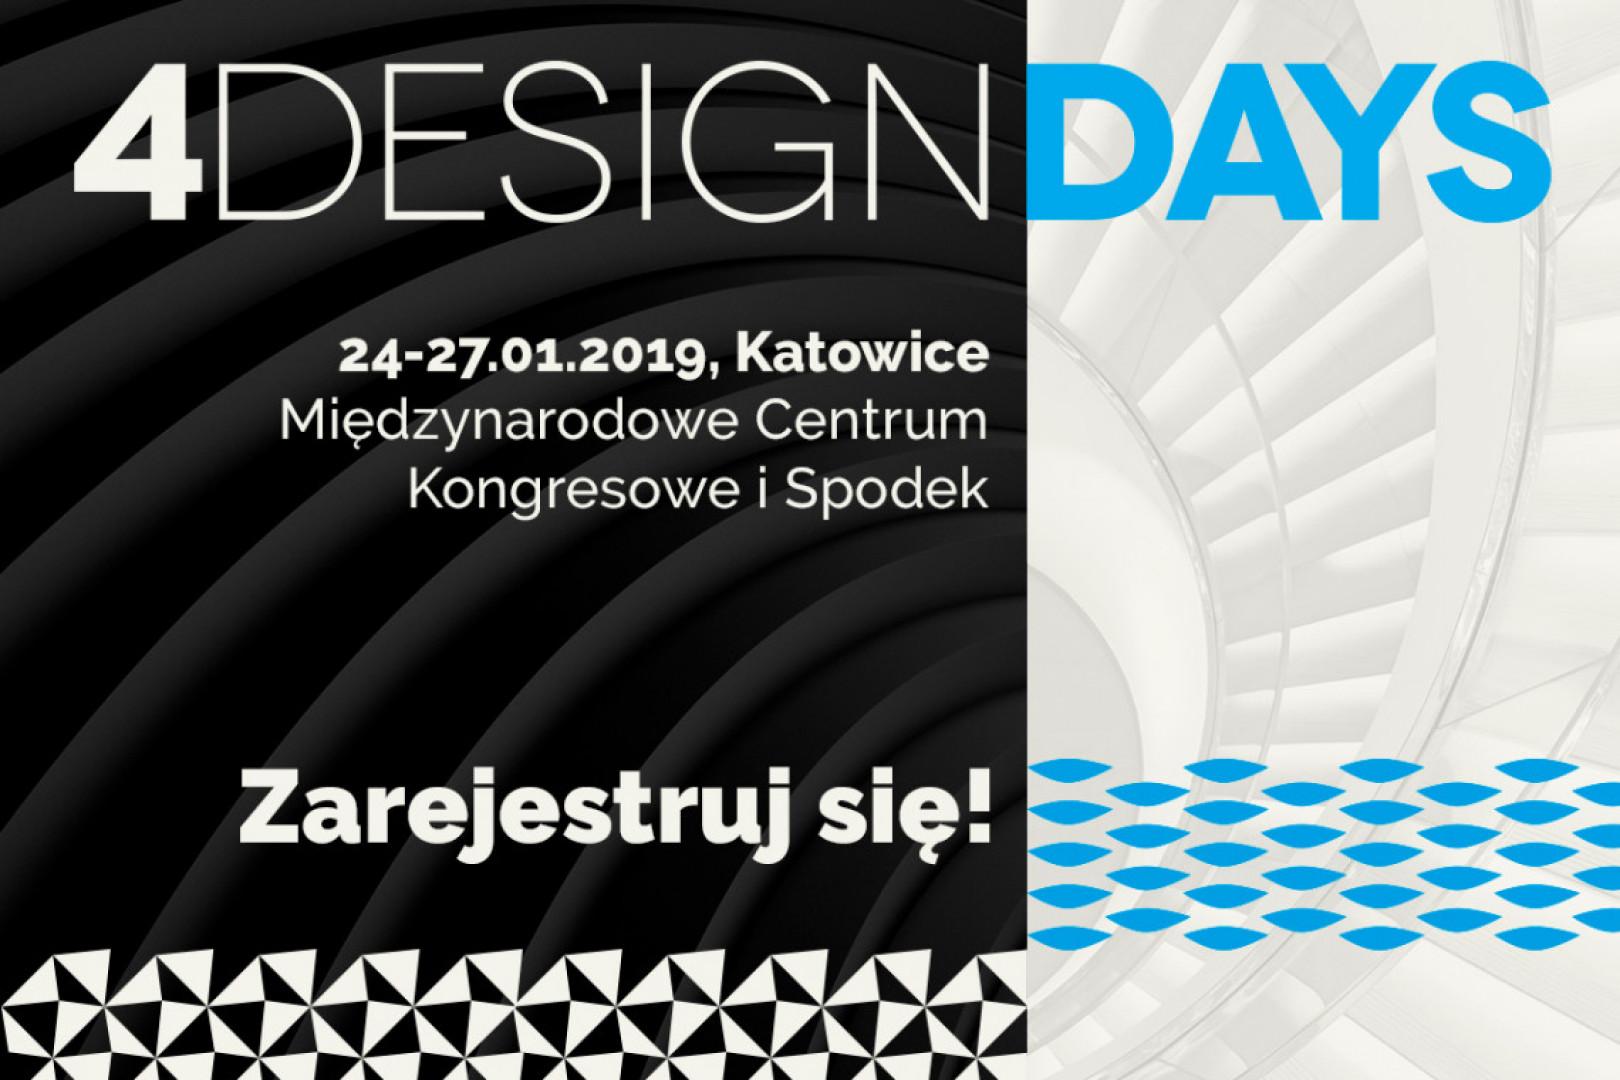 4 Design Days - 24-27 stycznia 2019 roku, Katowice.